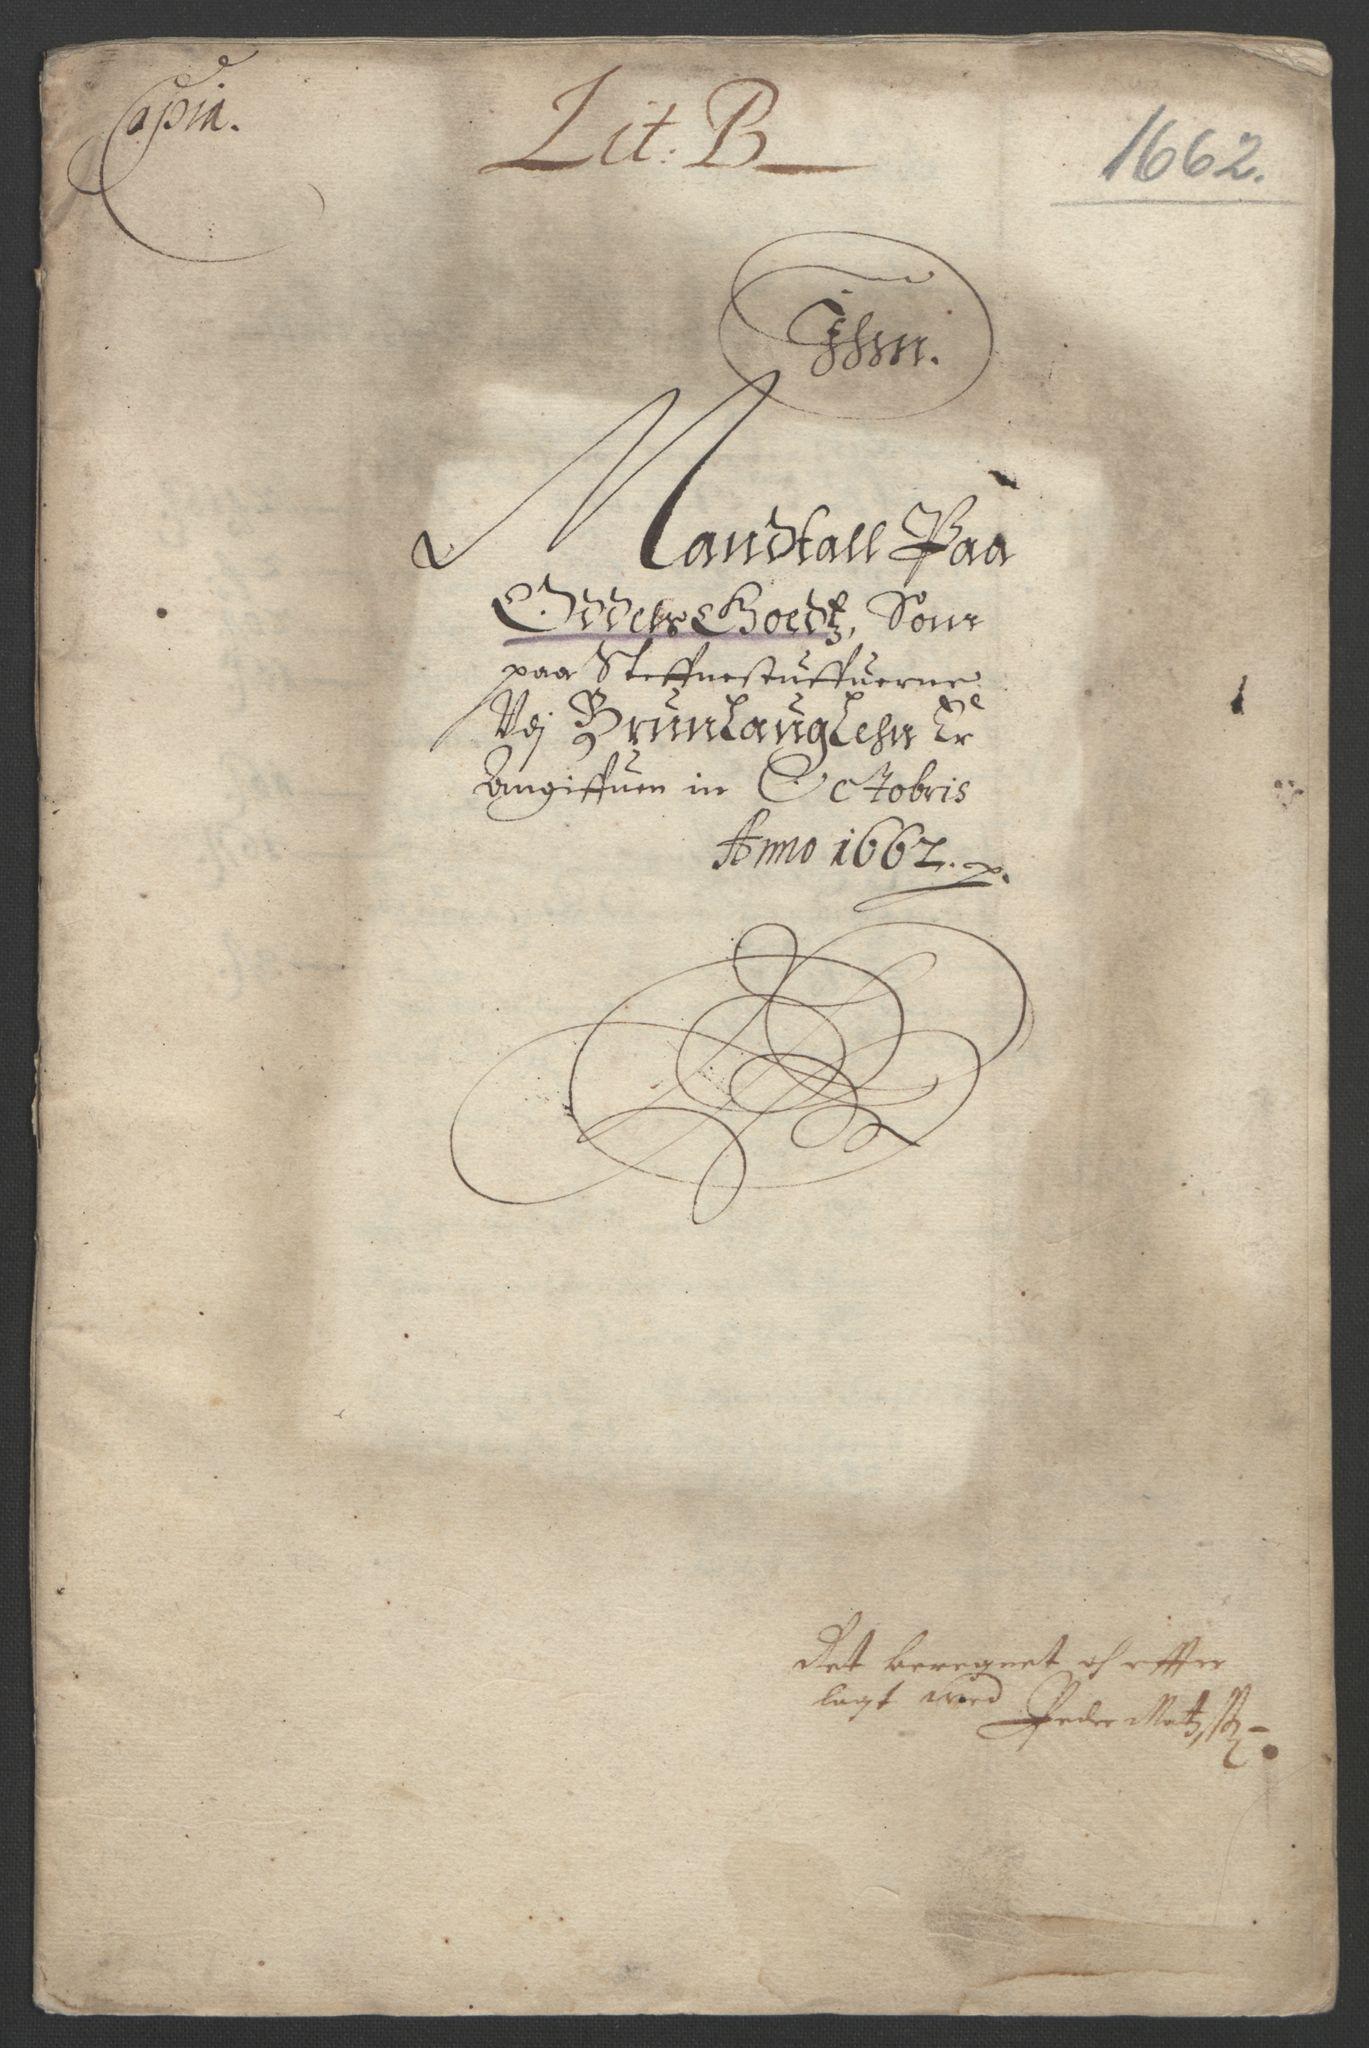 RA, Rentekammeret inntil 1814, Reviderte regnskaper, Fogderegnskap, R33/L1963: Fogderegnskap Larvik grevskap, 1662-1664, s. 48